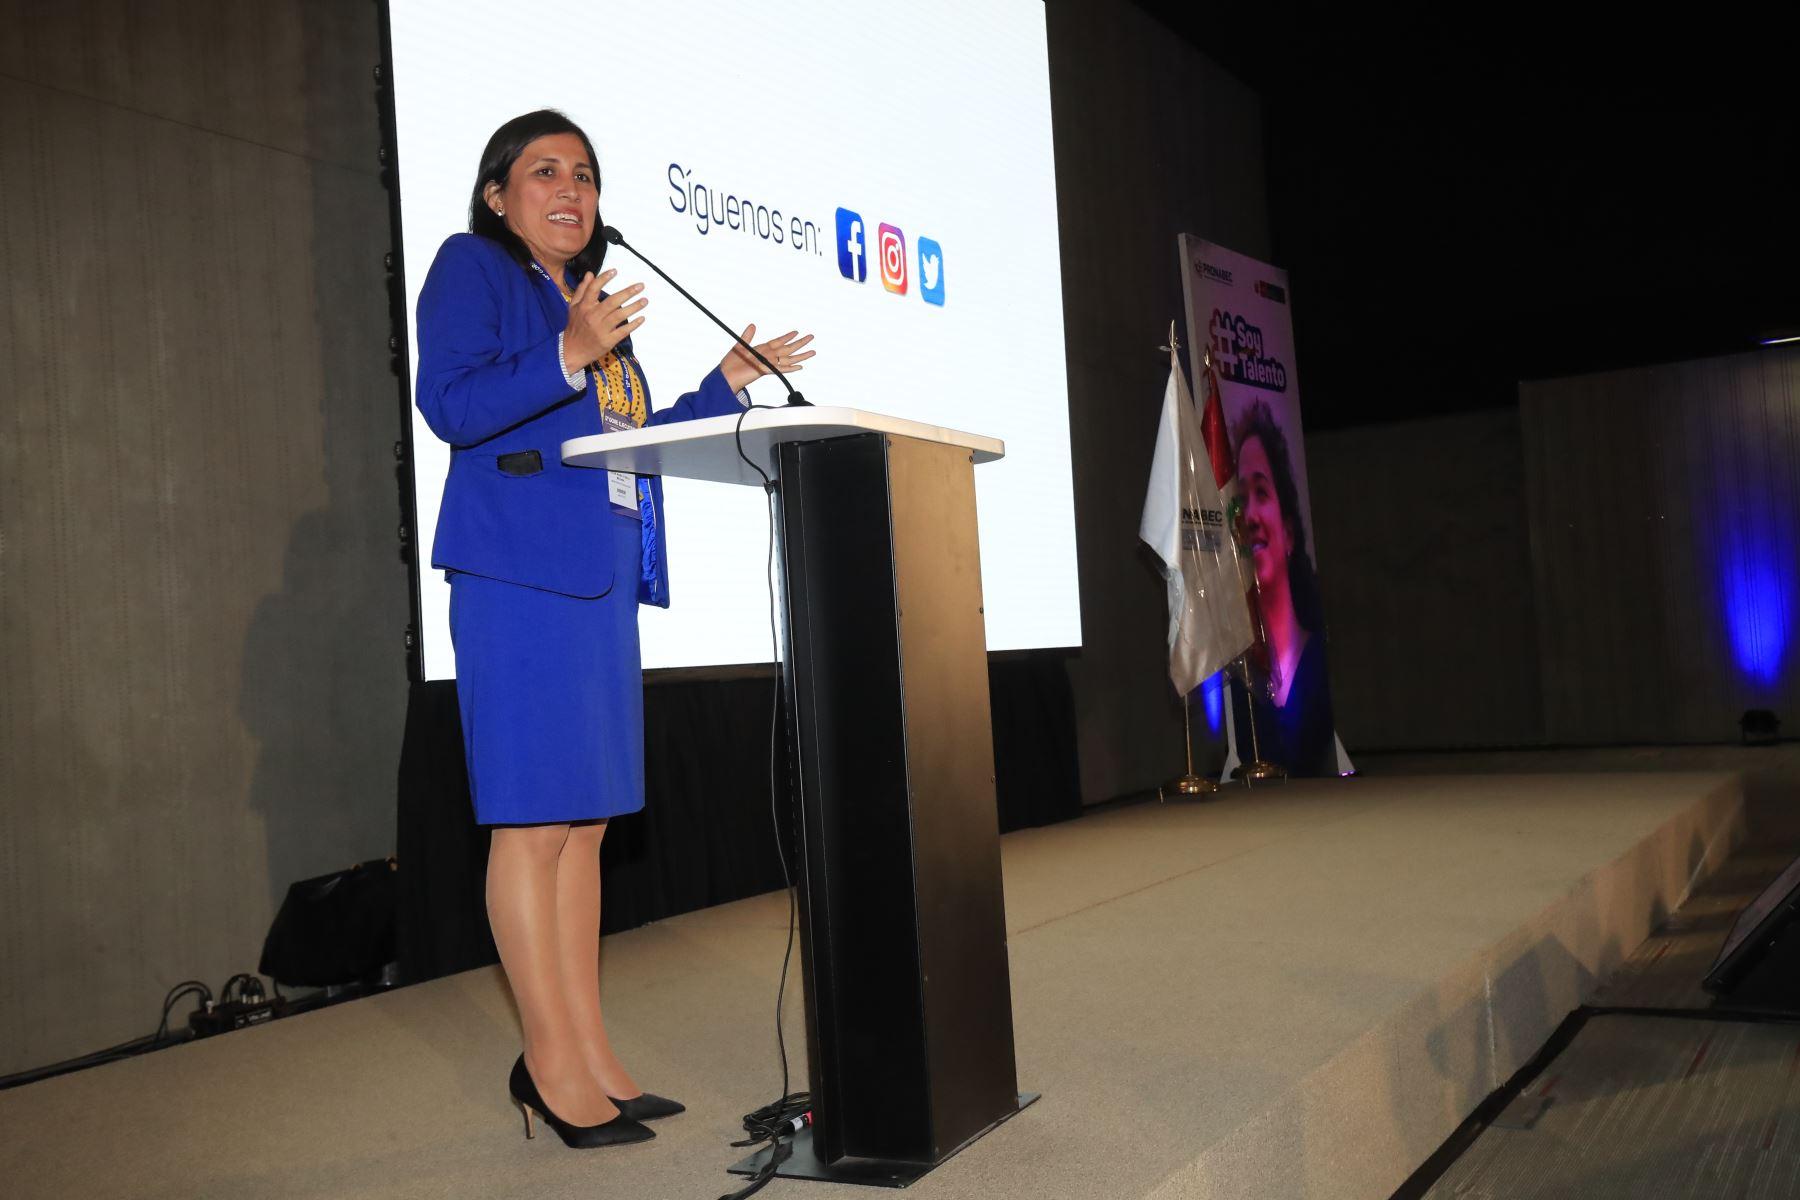 La Ministra de Educación Flor Pablo clausuró la ceremonia donde se reconoció a 280 jóvenes talentos que acaban de concluir sus estudios de Educación  Foto: Andina/Juan Carlos Guzmán Negrini